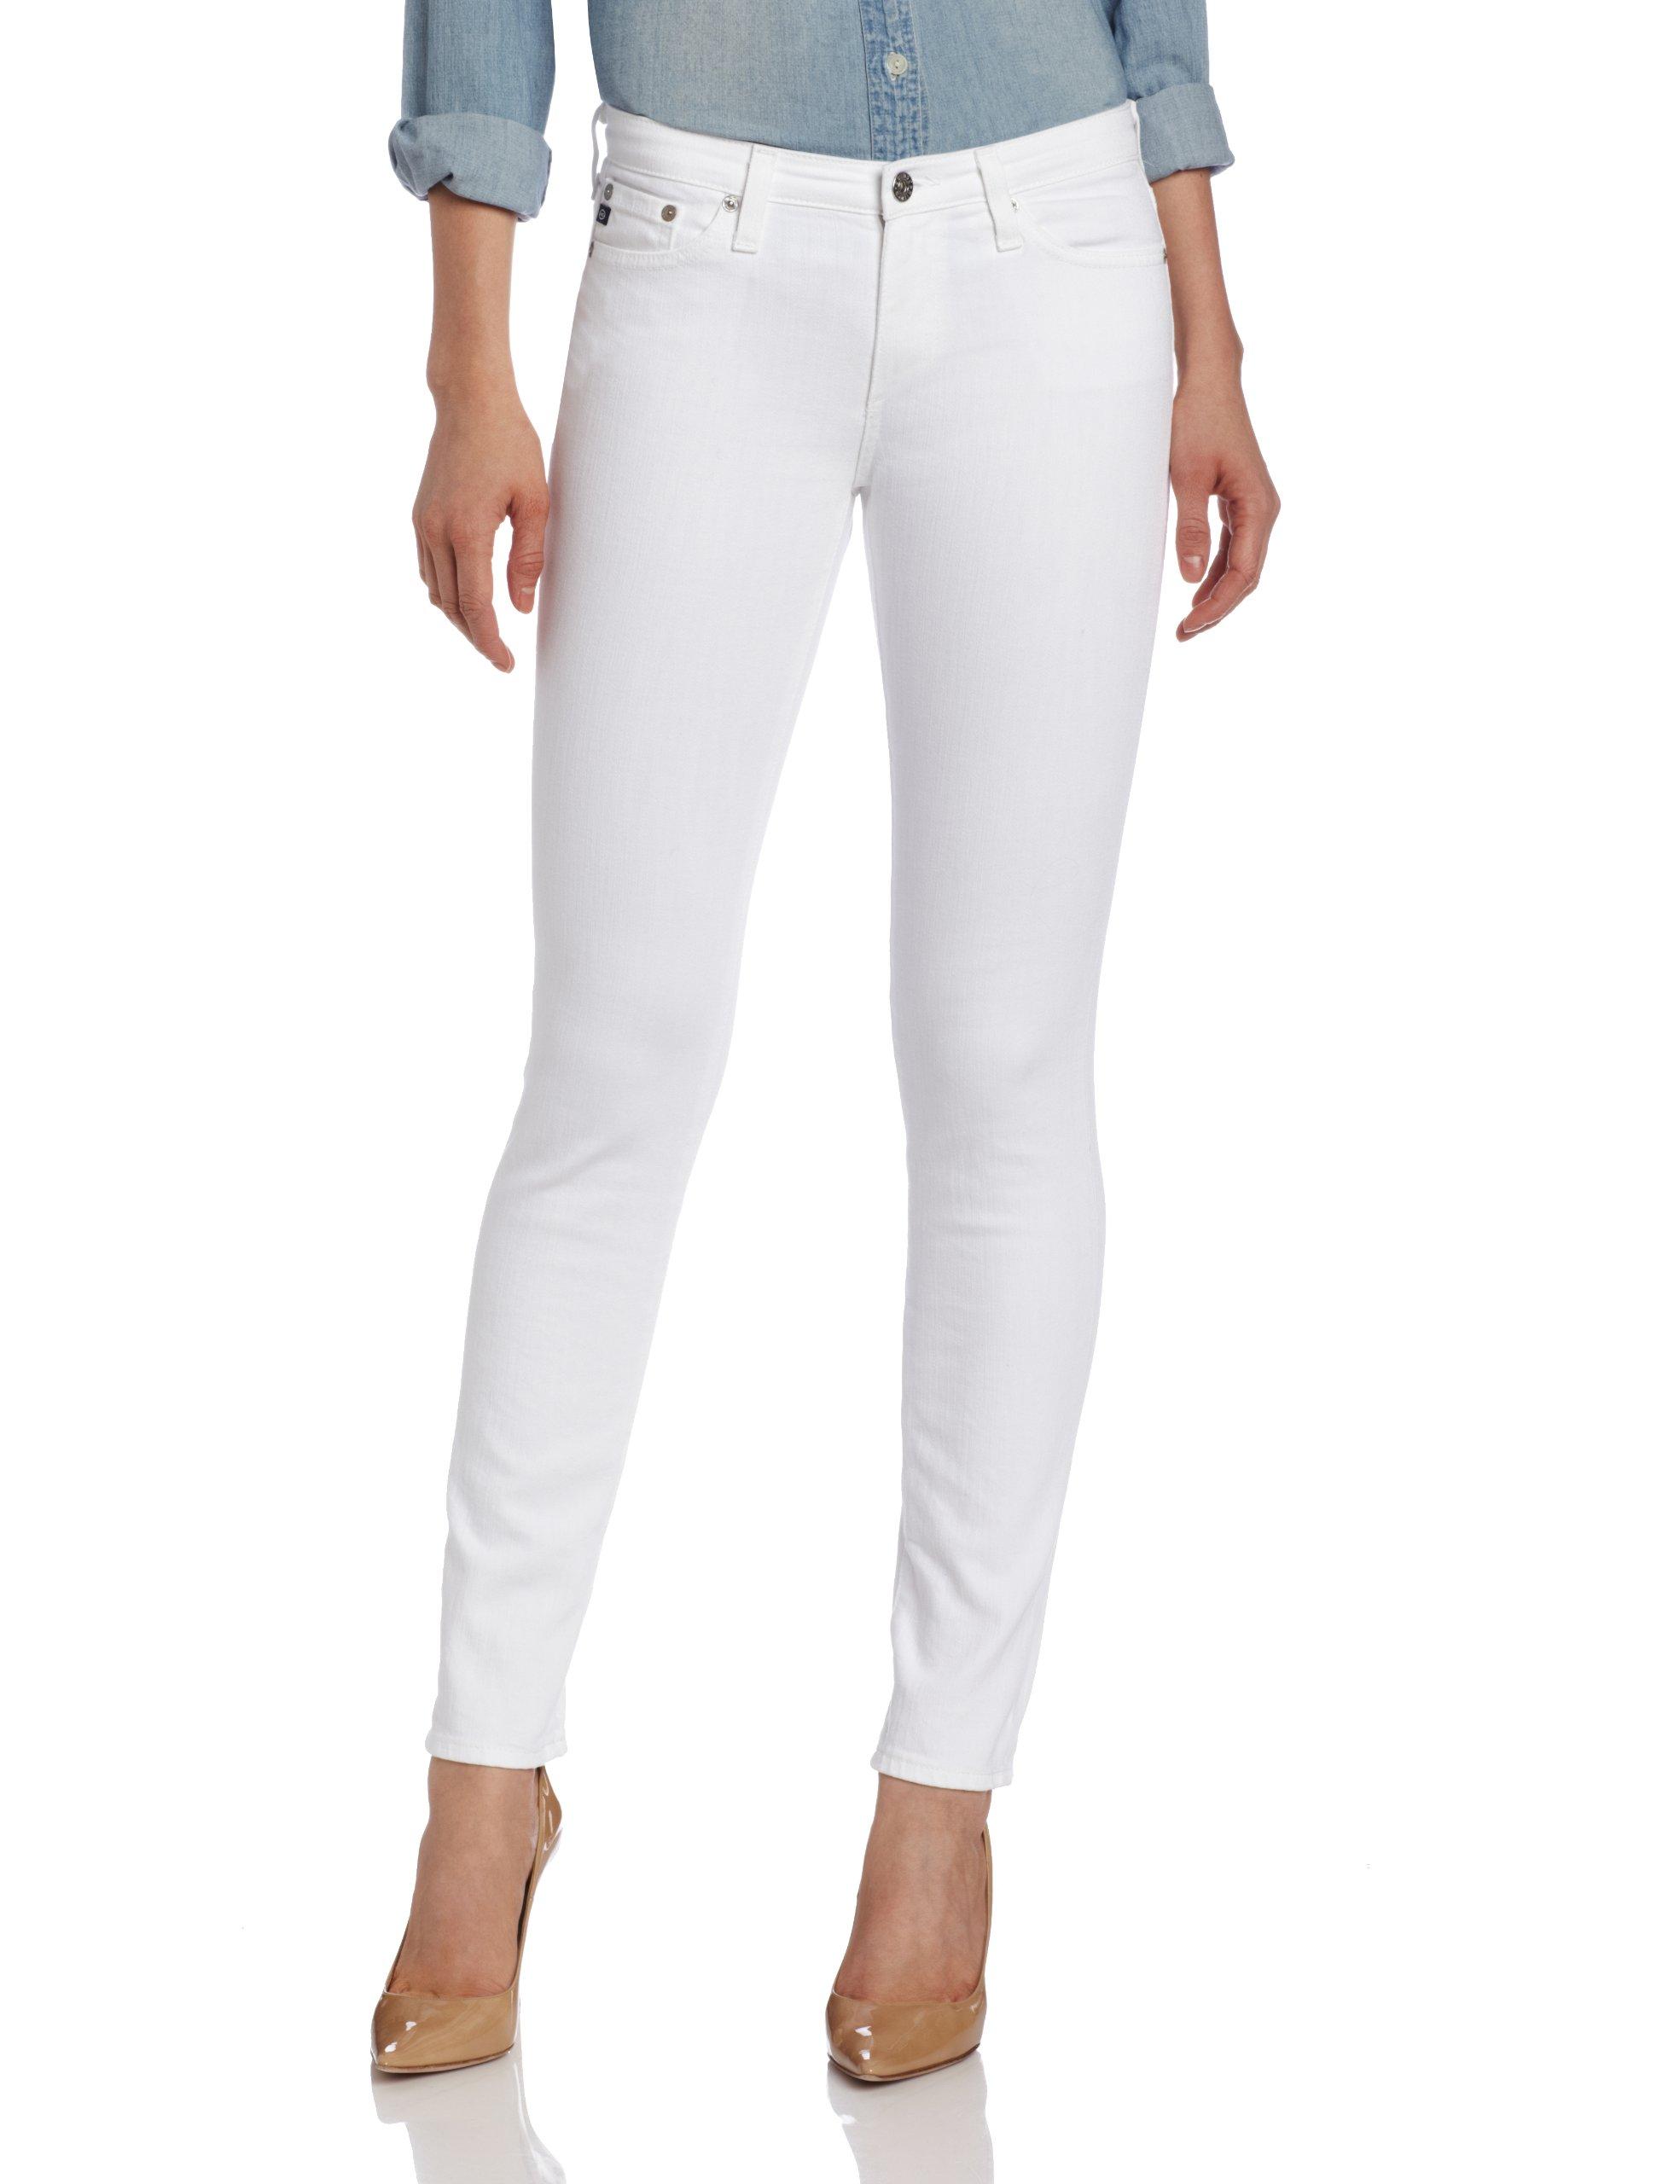 AG Adriano Goldschmied Women's Prima Jean, White, 31 by AG Adriano Goldschmied